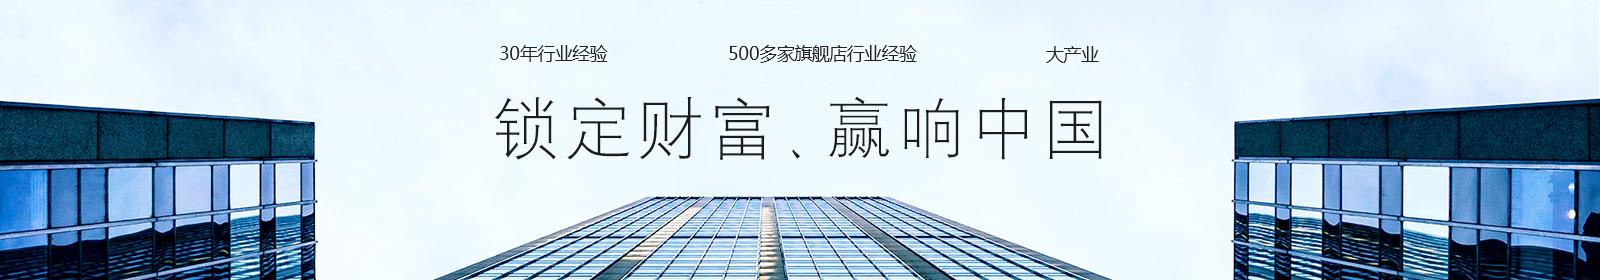 bet体育万博城锁定财富,赢响中国